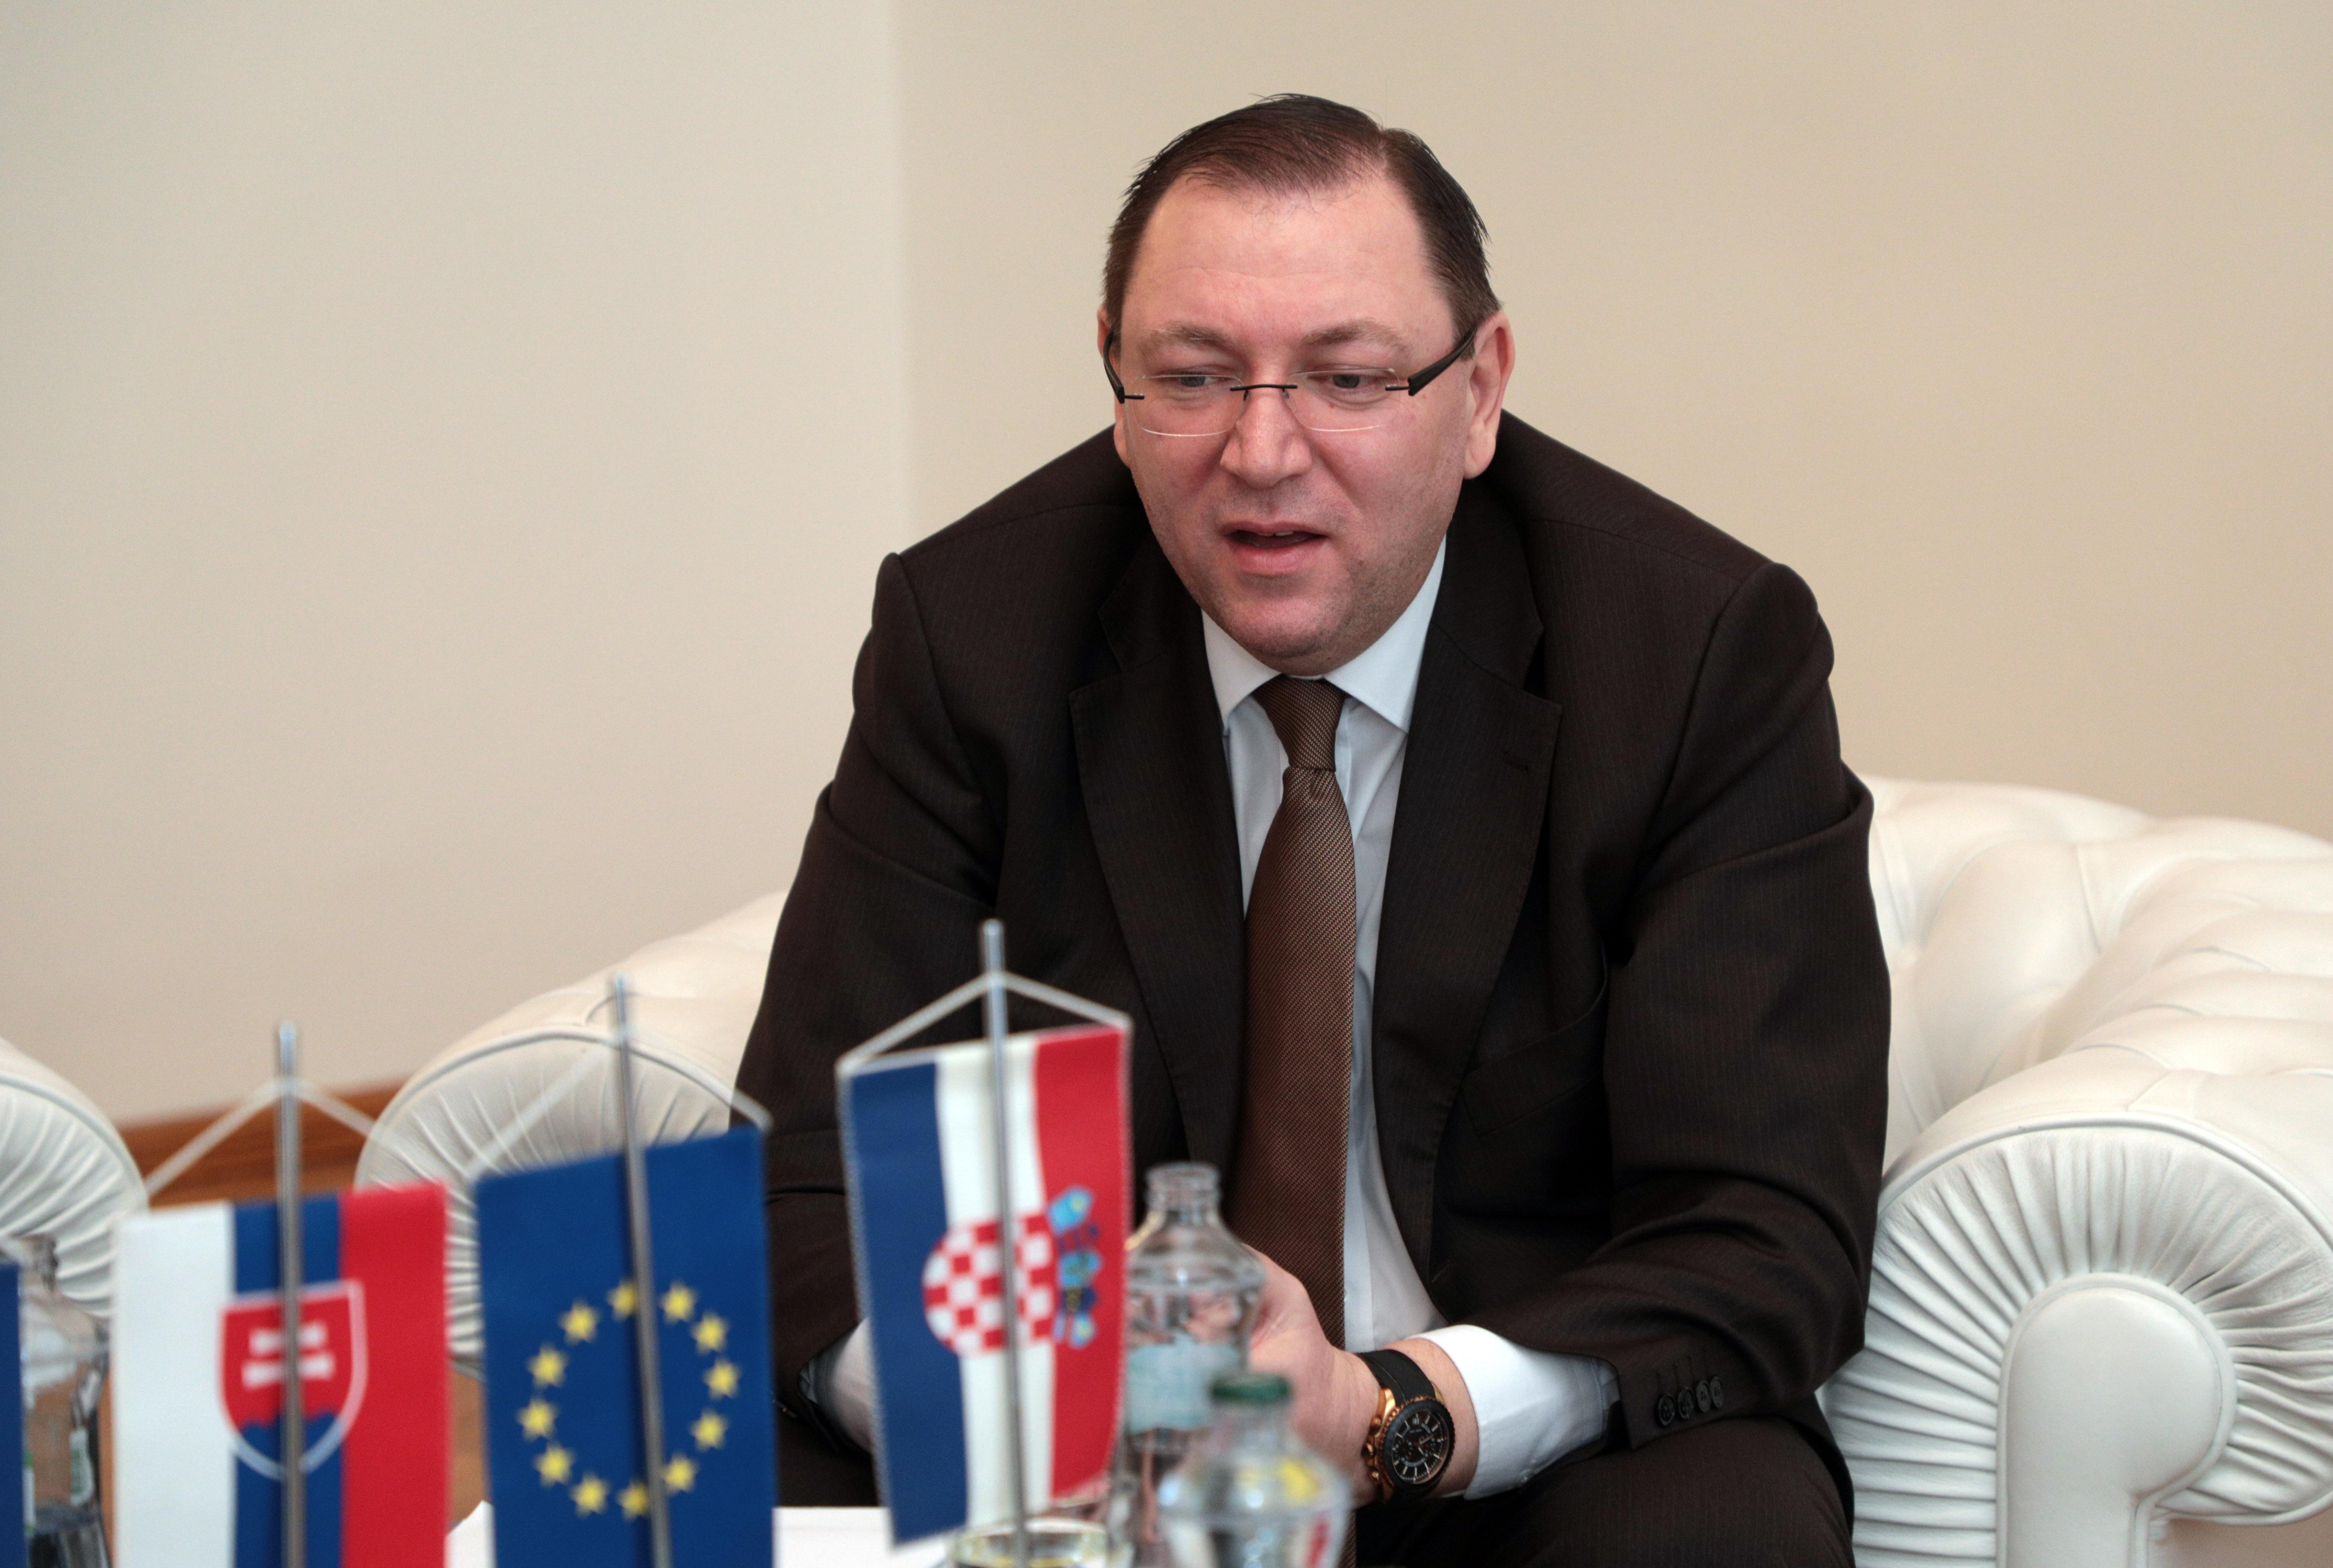 PrijatieVelvyslanecChorvatska14